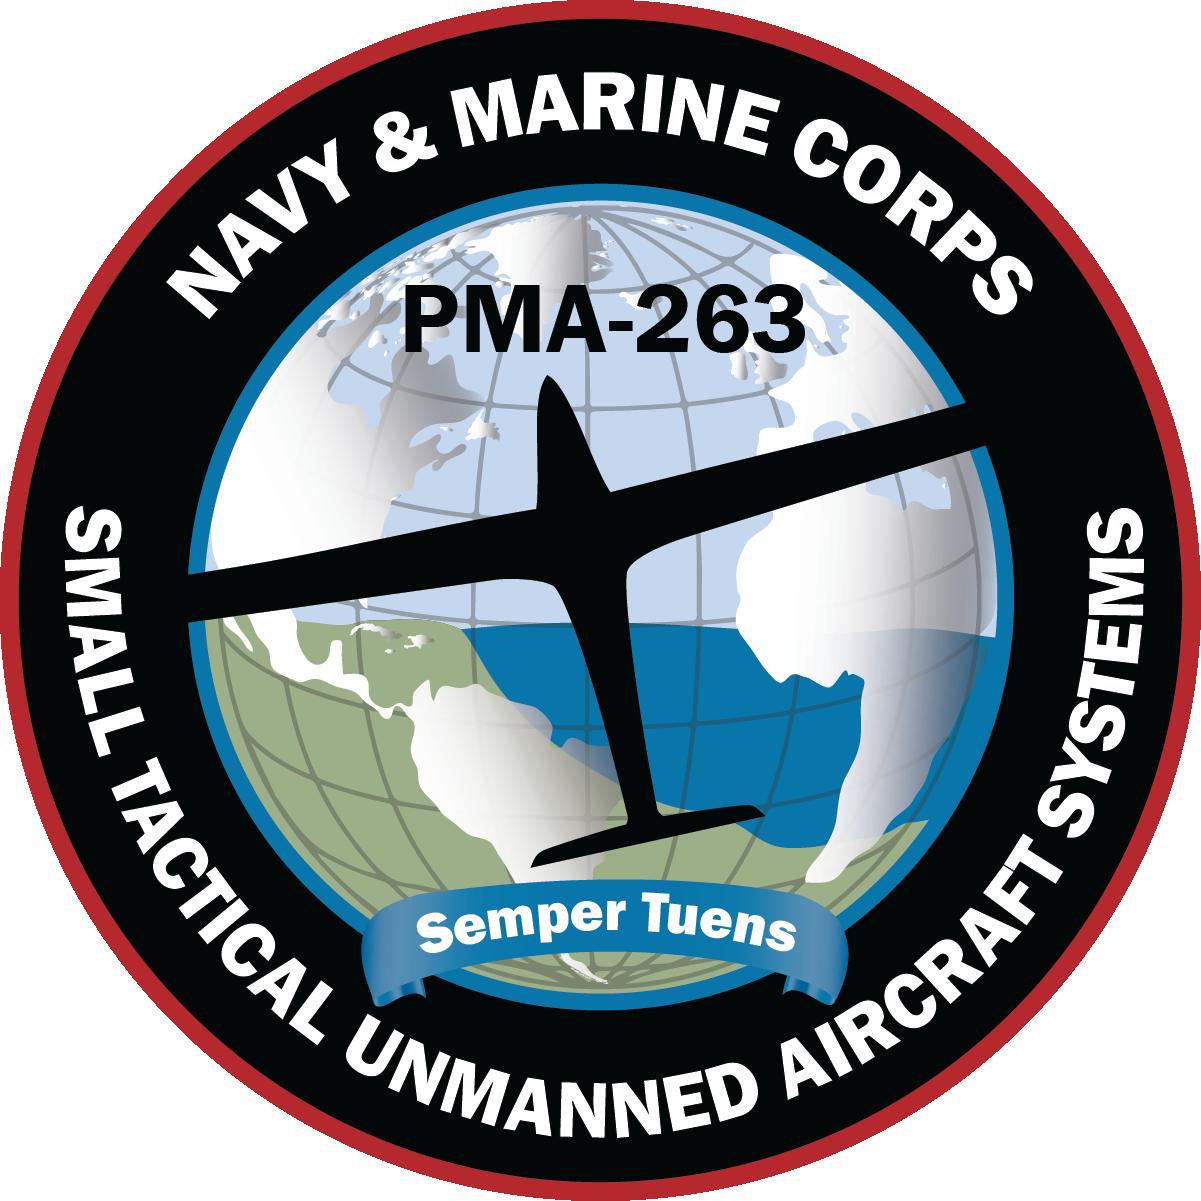 PMA-263_new logo2015.png